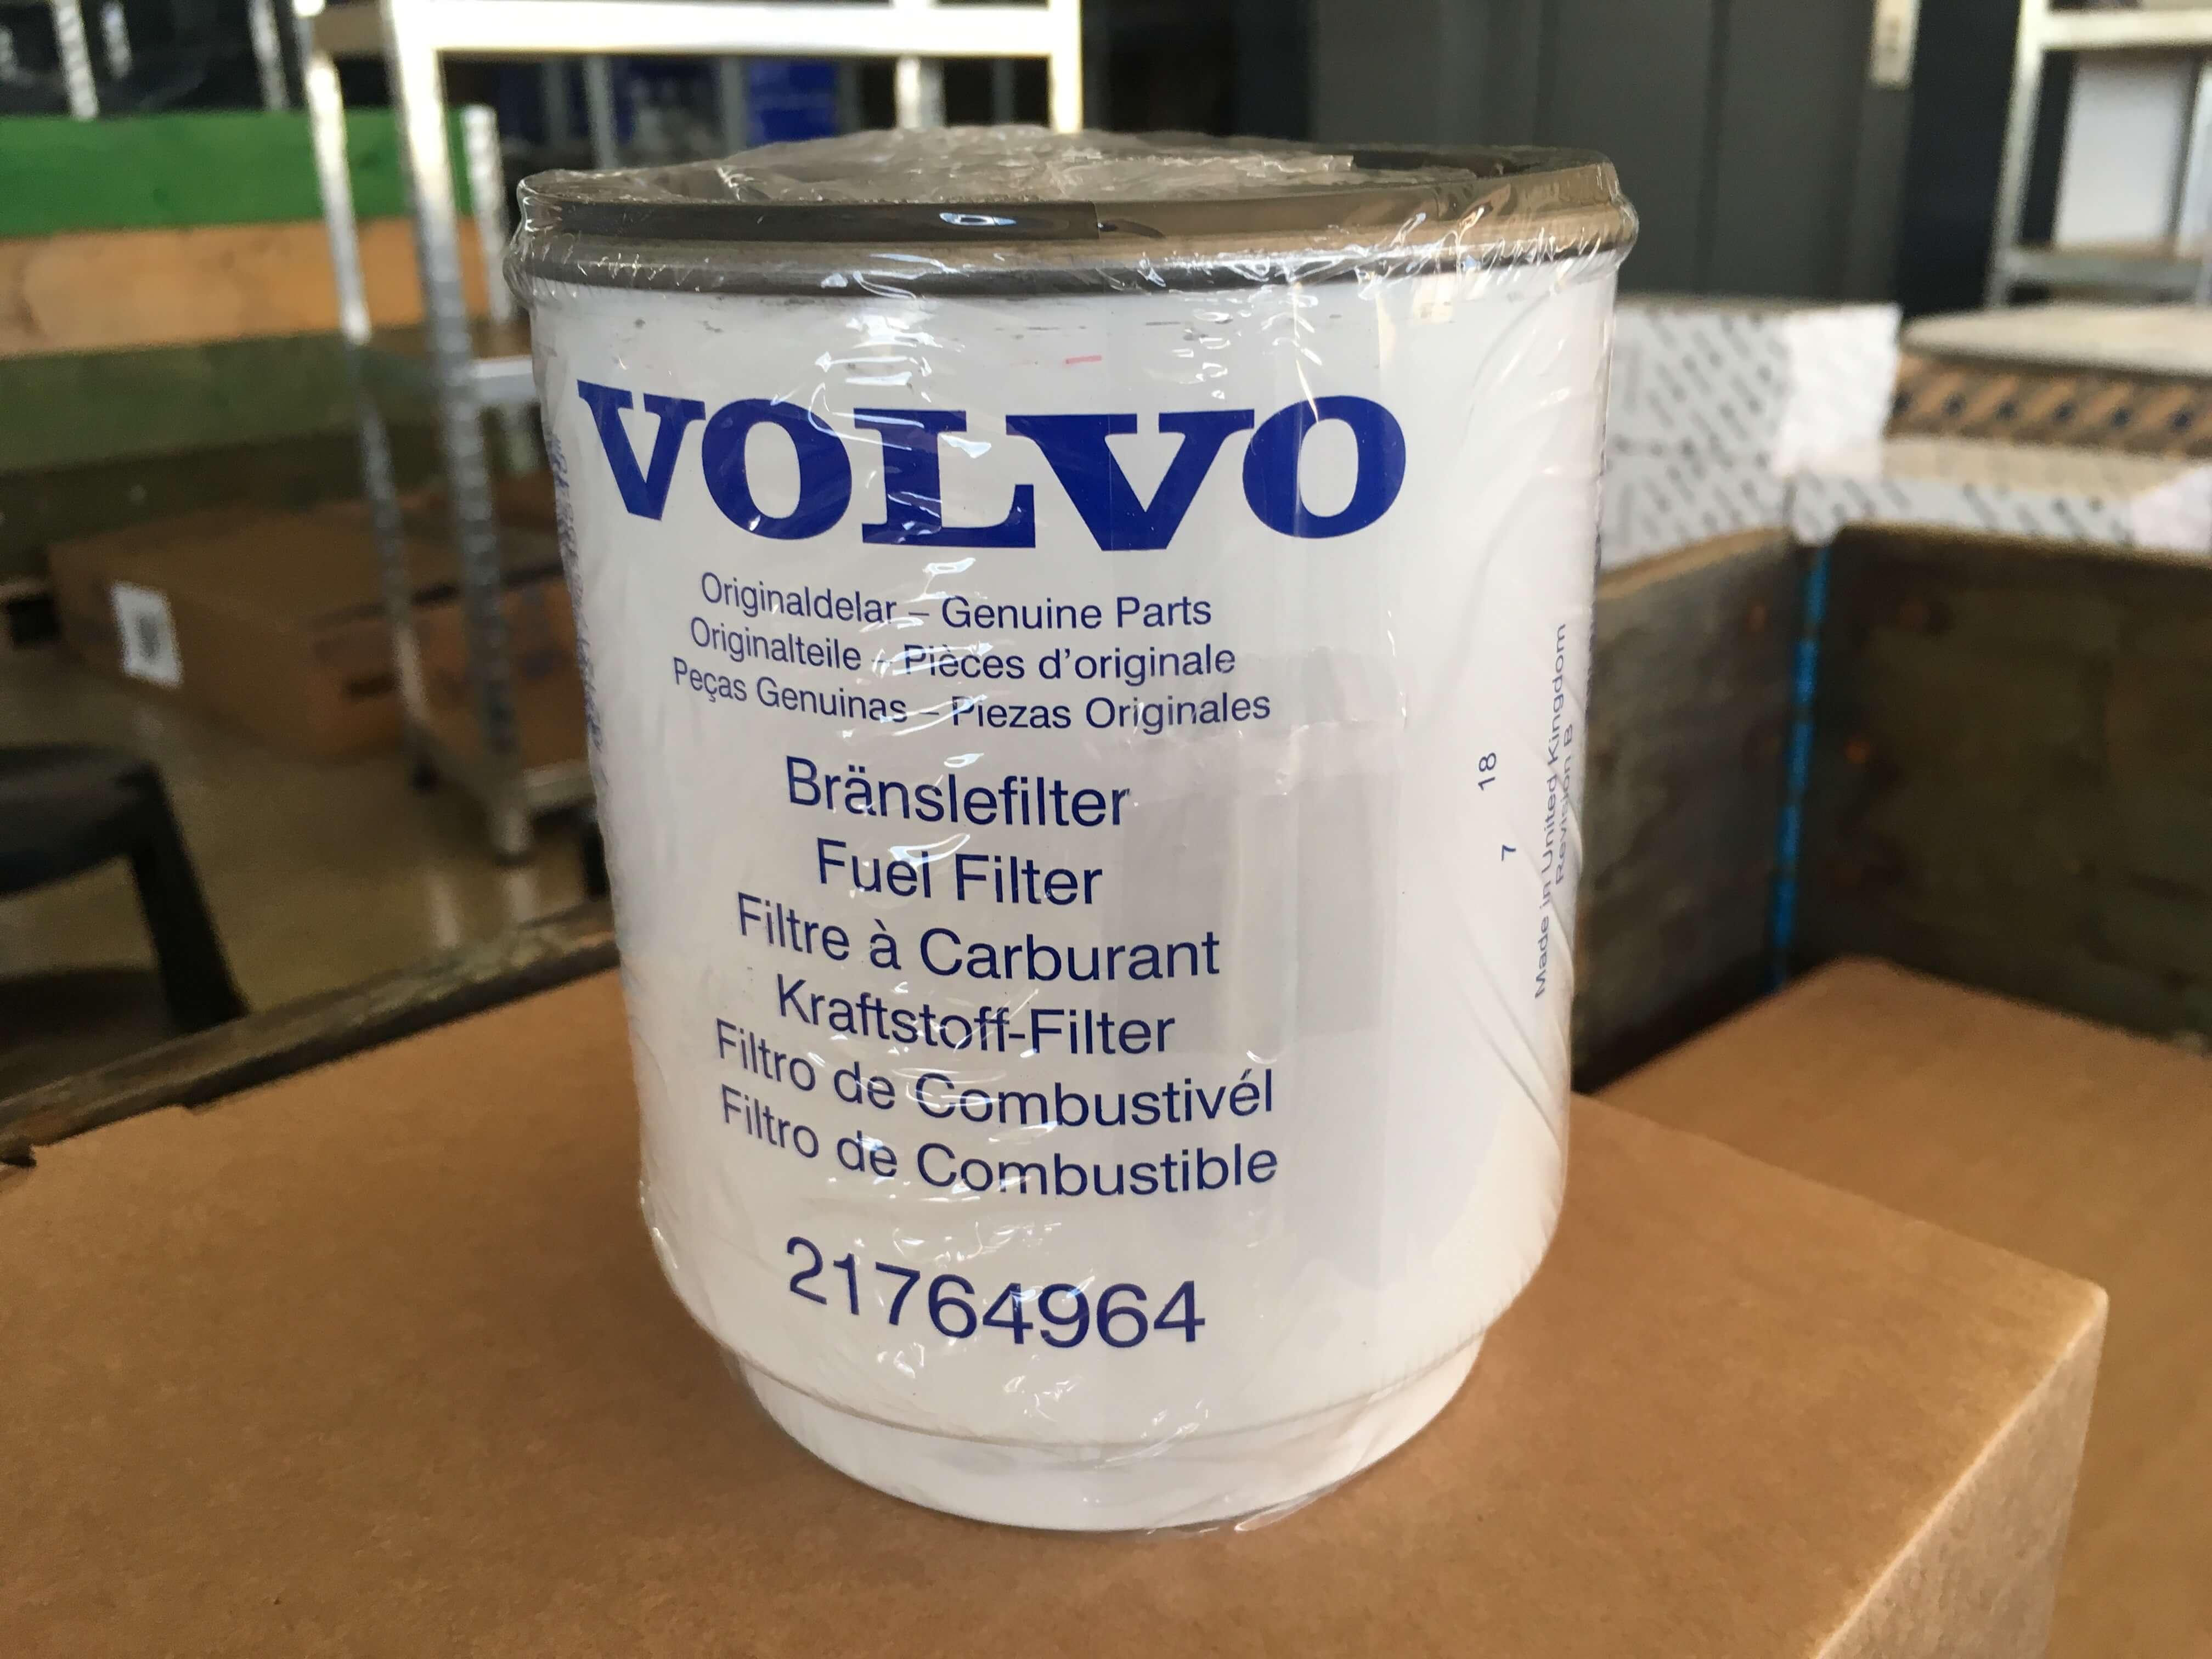 21764964 Filtro de aceite VOLVO Recambios originales para camión en SCAORTIZ - Filtro de aceite VOLVO. Referencia 21764964